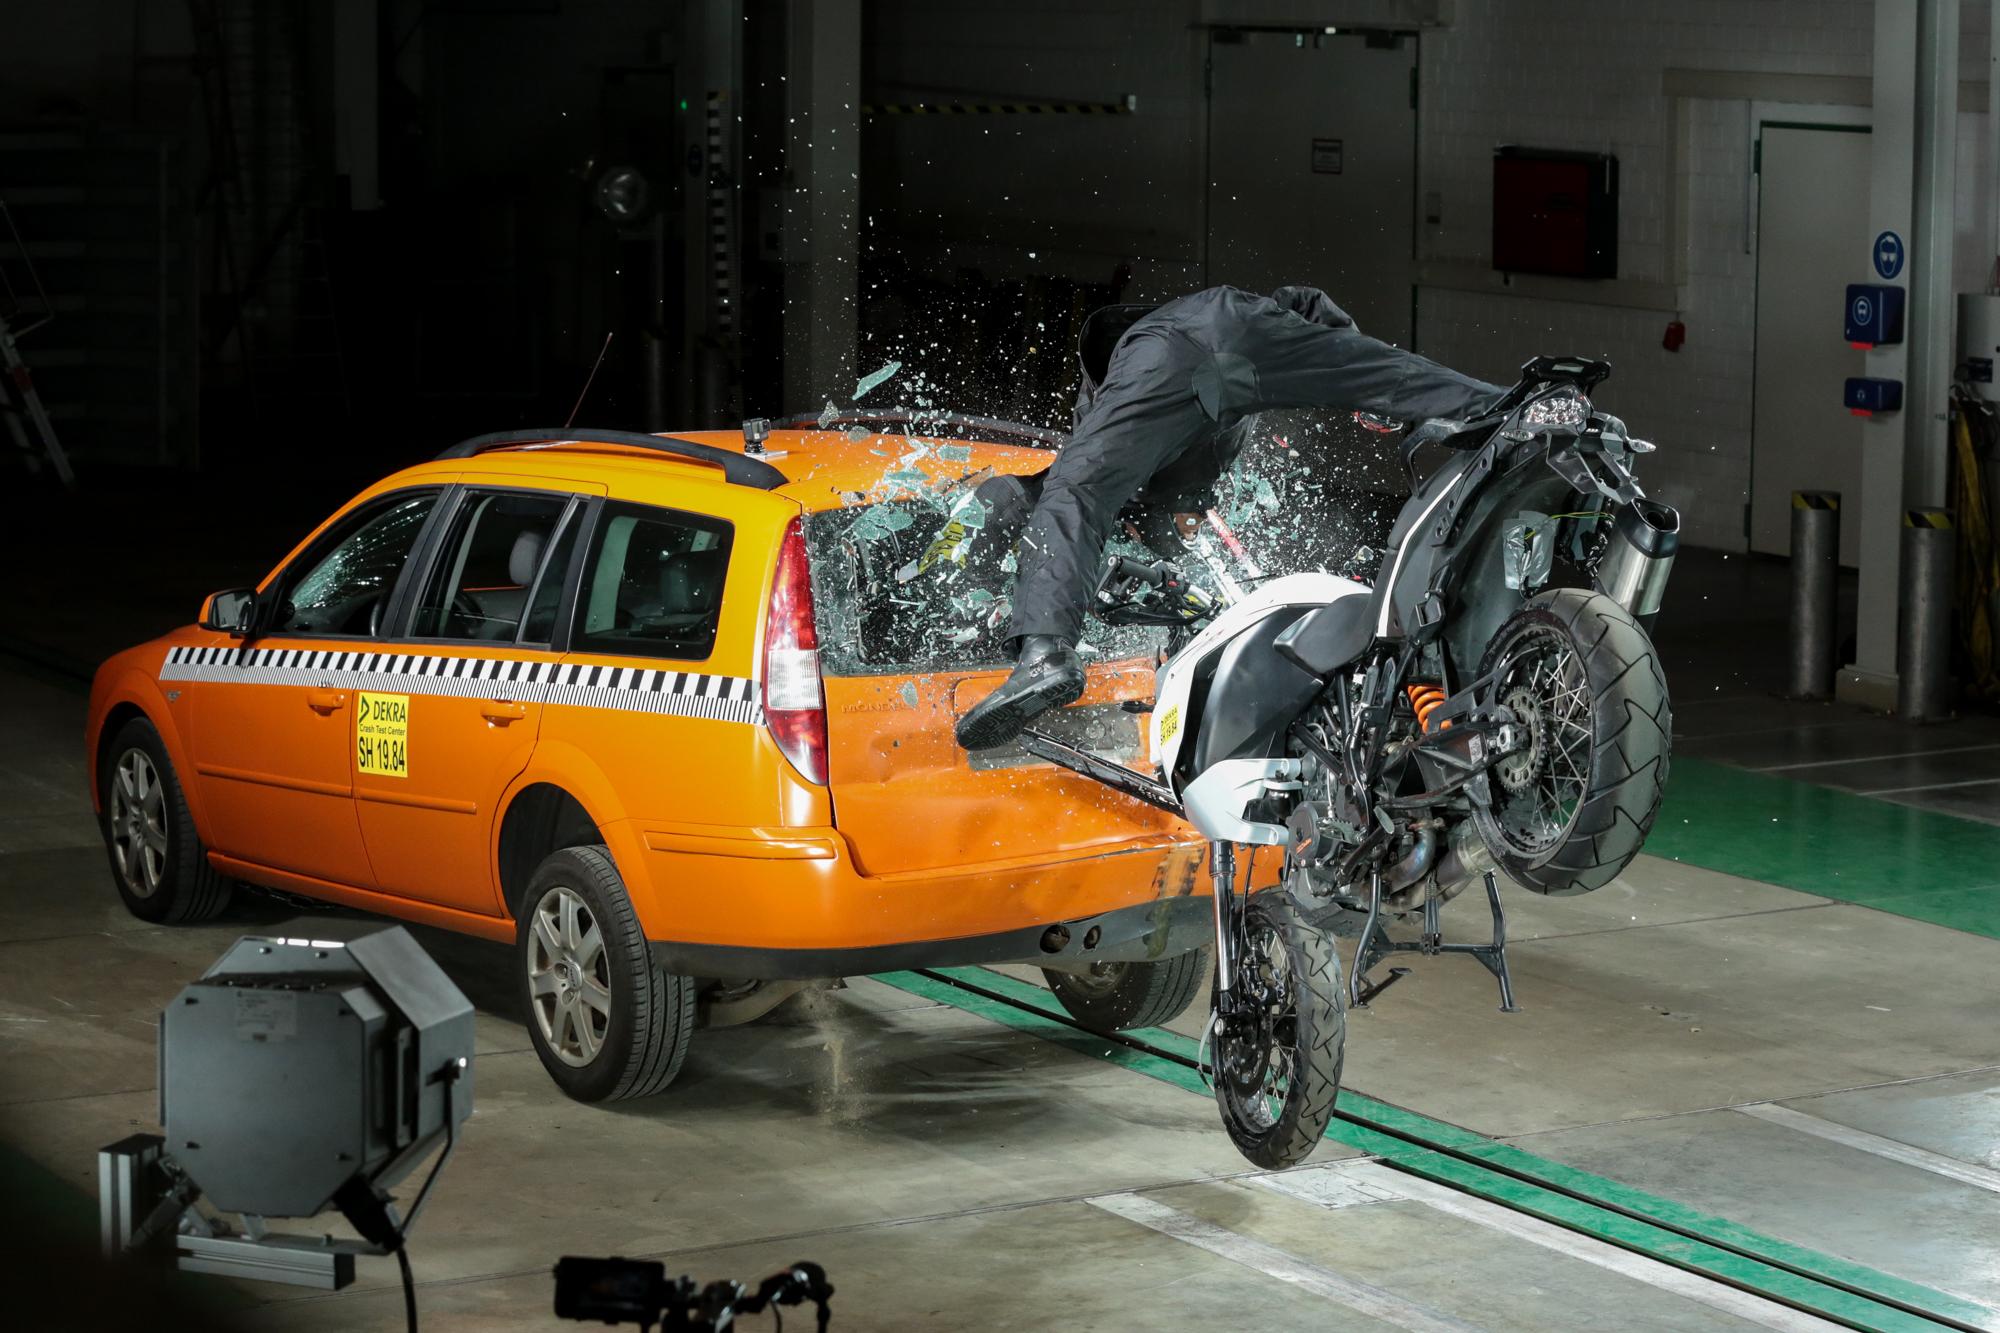 Um die Funktionsfähigkeit von Help Connect nachzuweisen, wurden allein 18 Crashtests durchgeführt.